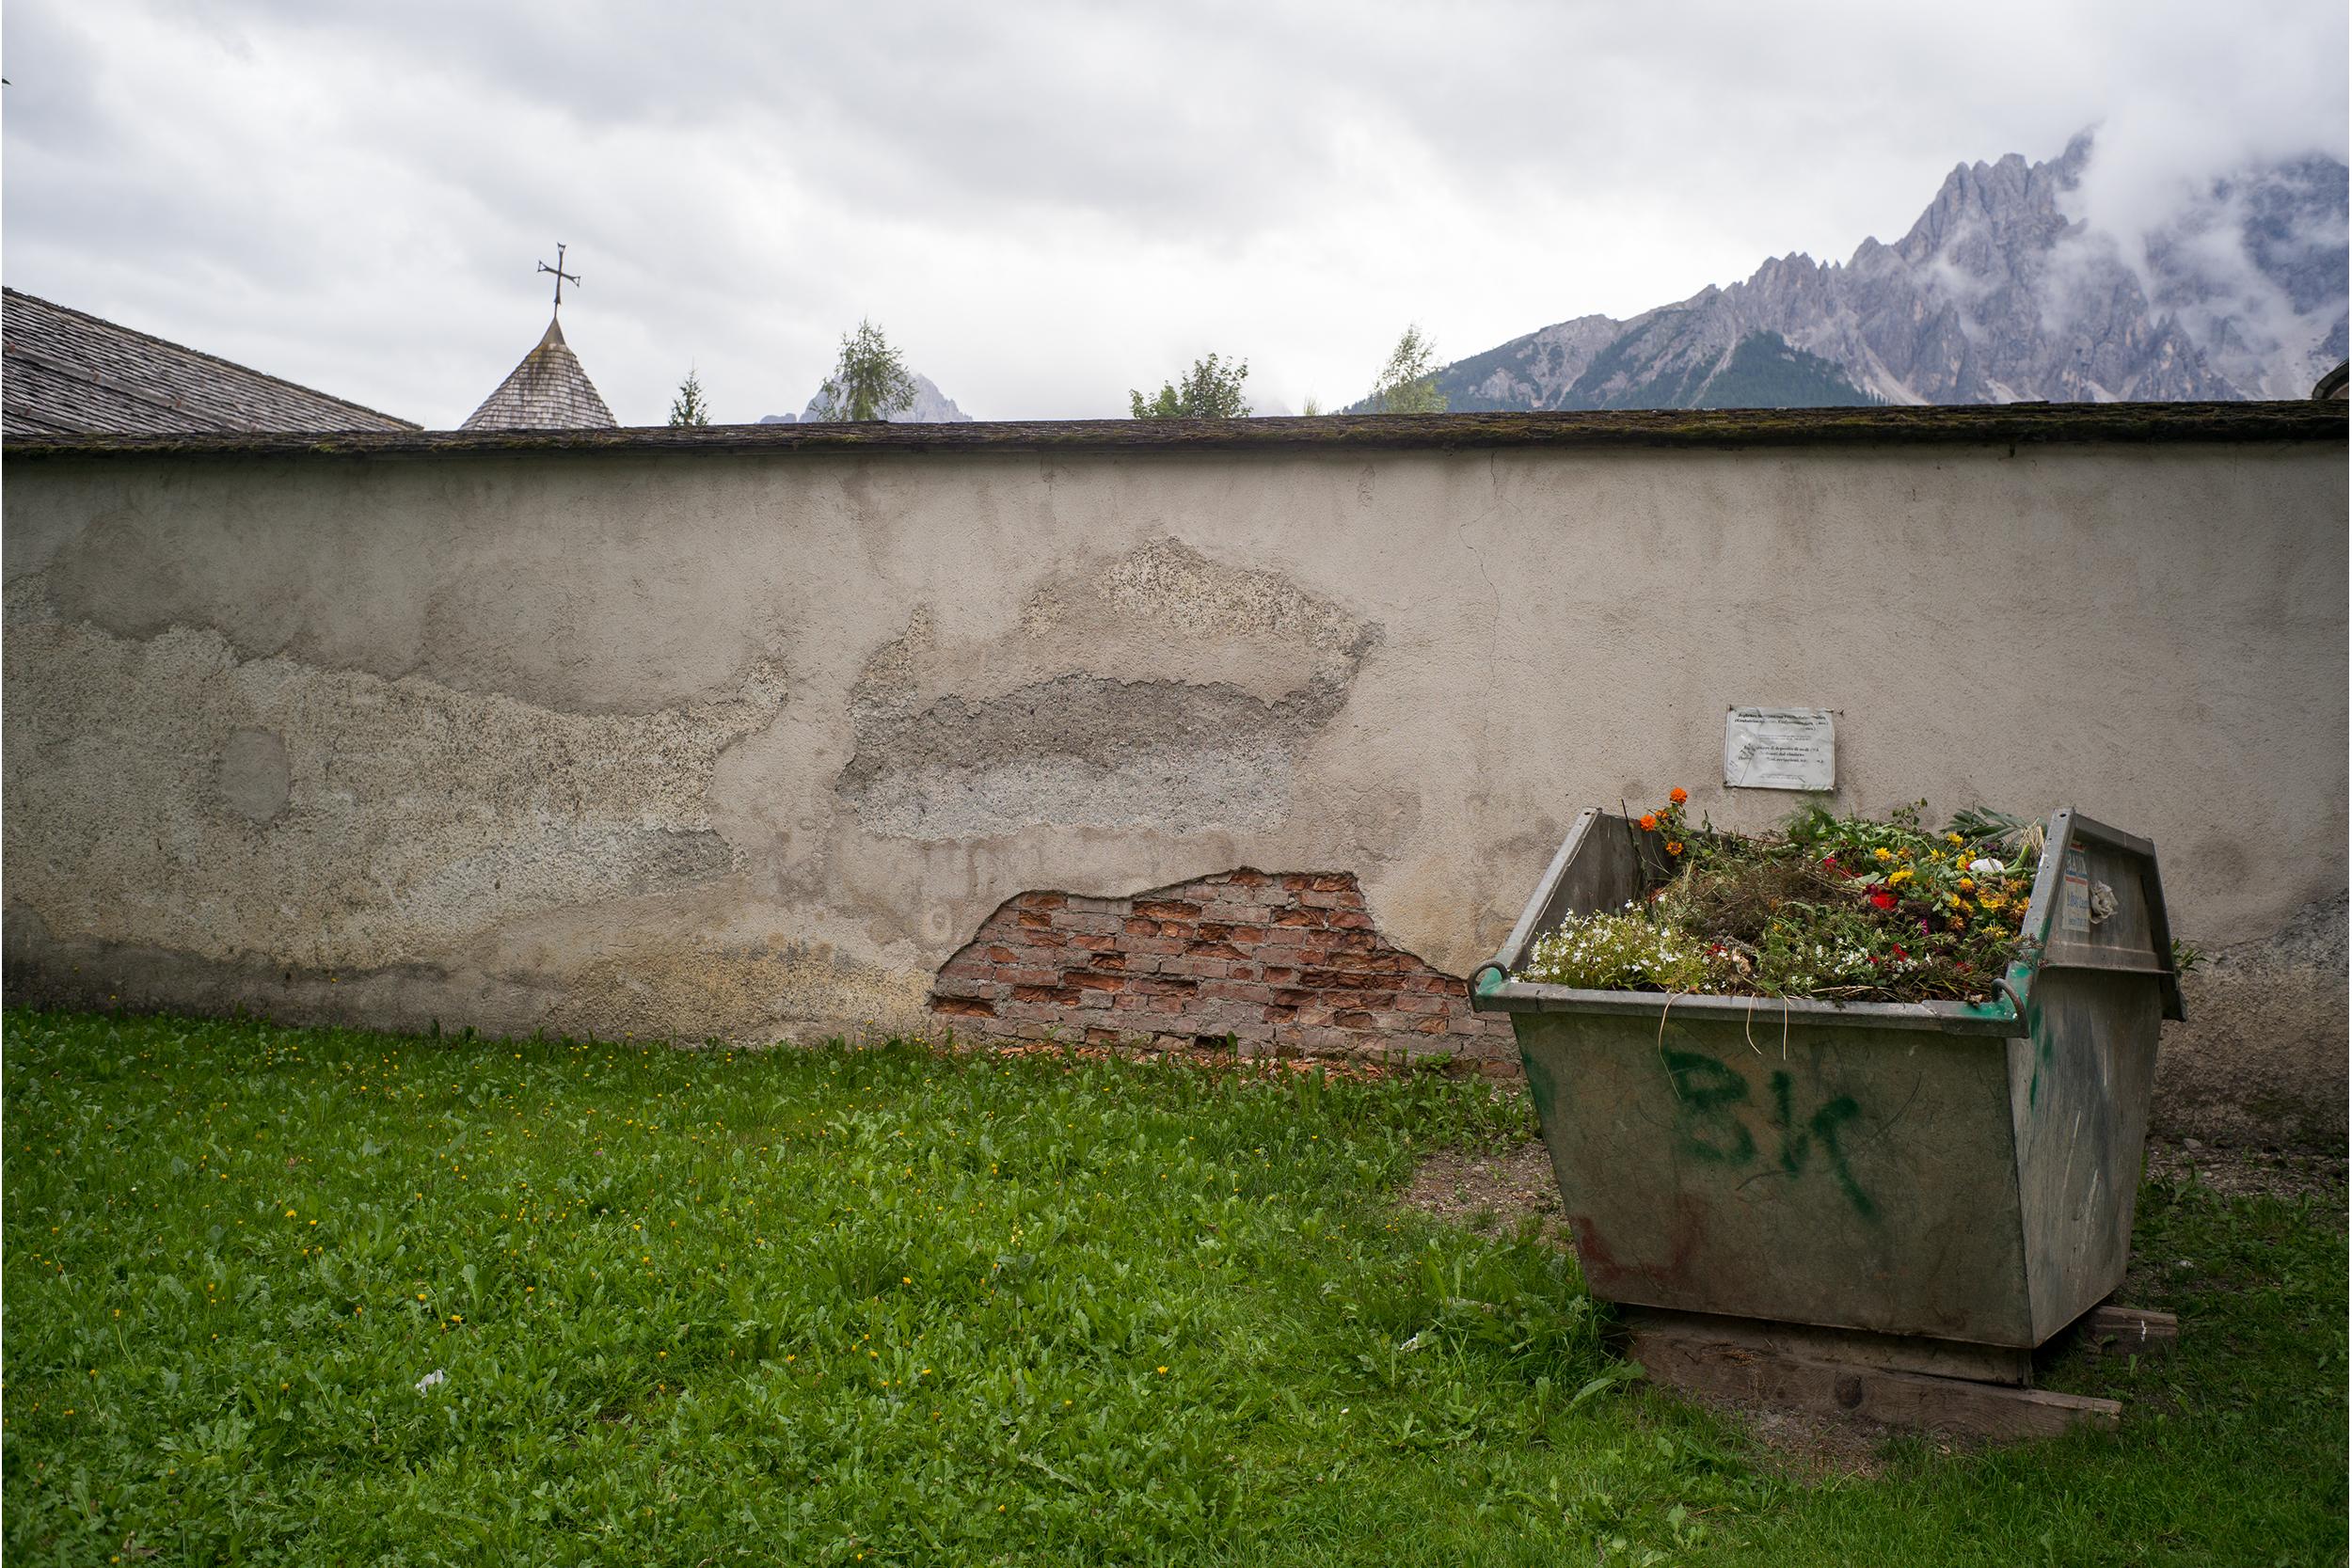 Compost bin, Vodo di Cadore